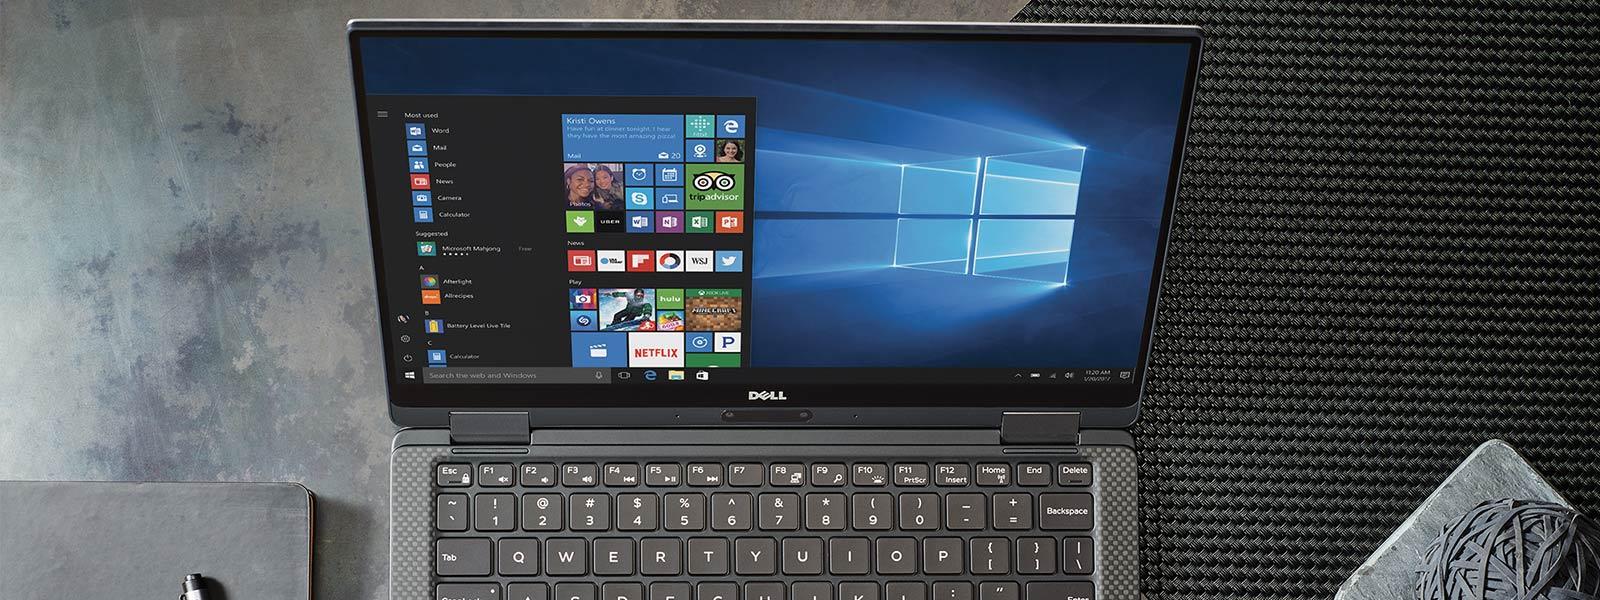 Appareil affichant l'écran d'accueil de Windows 10